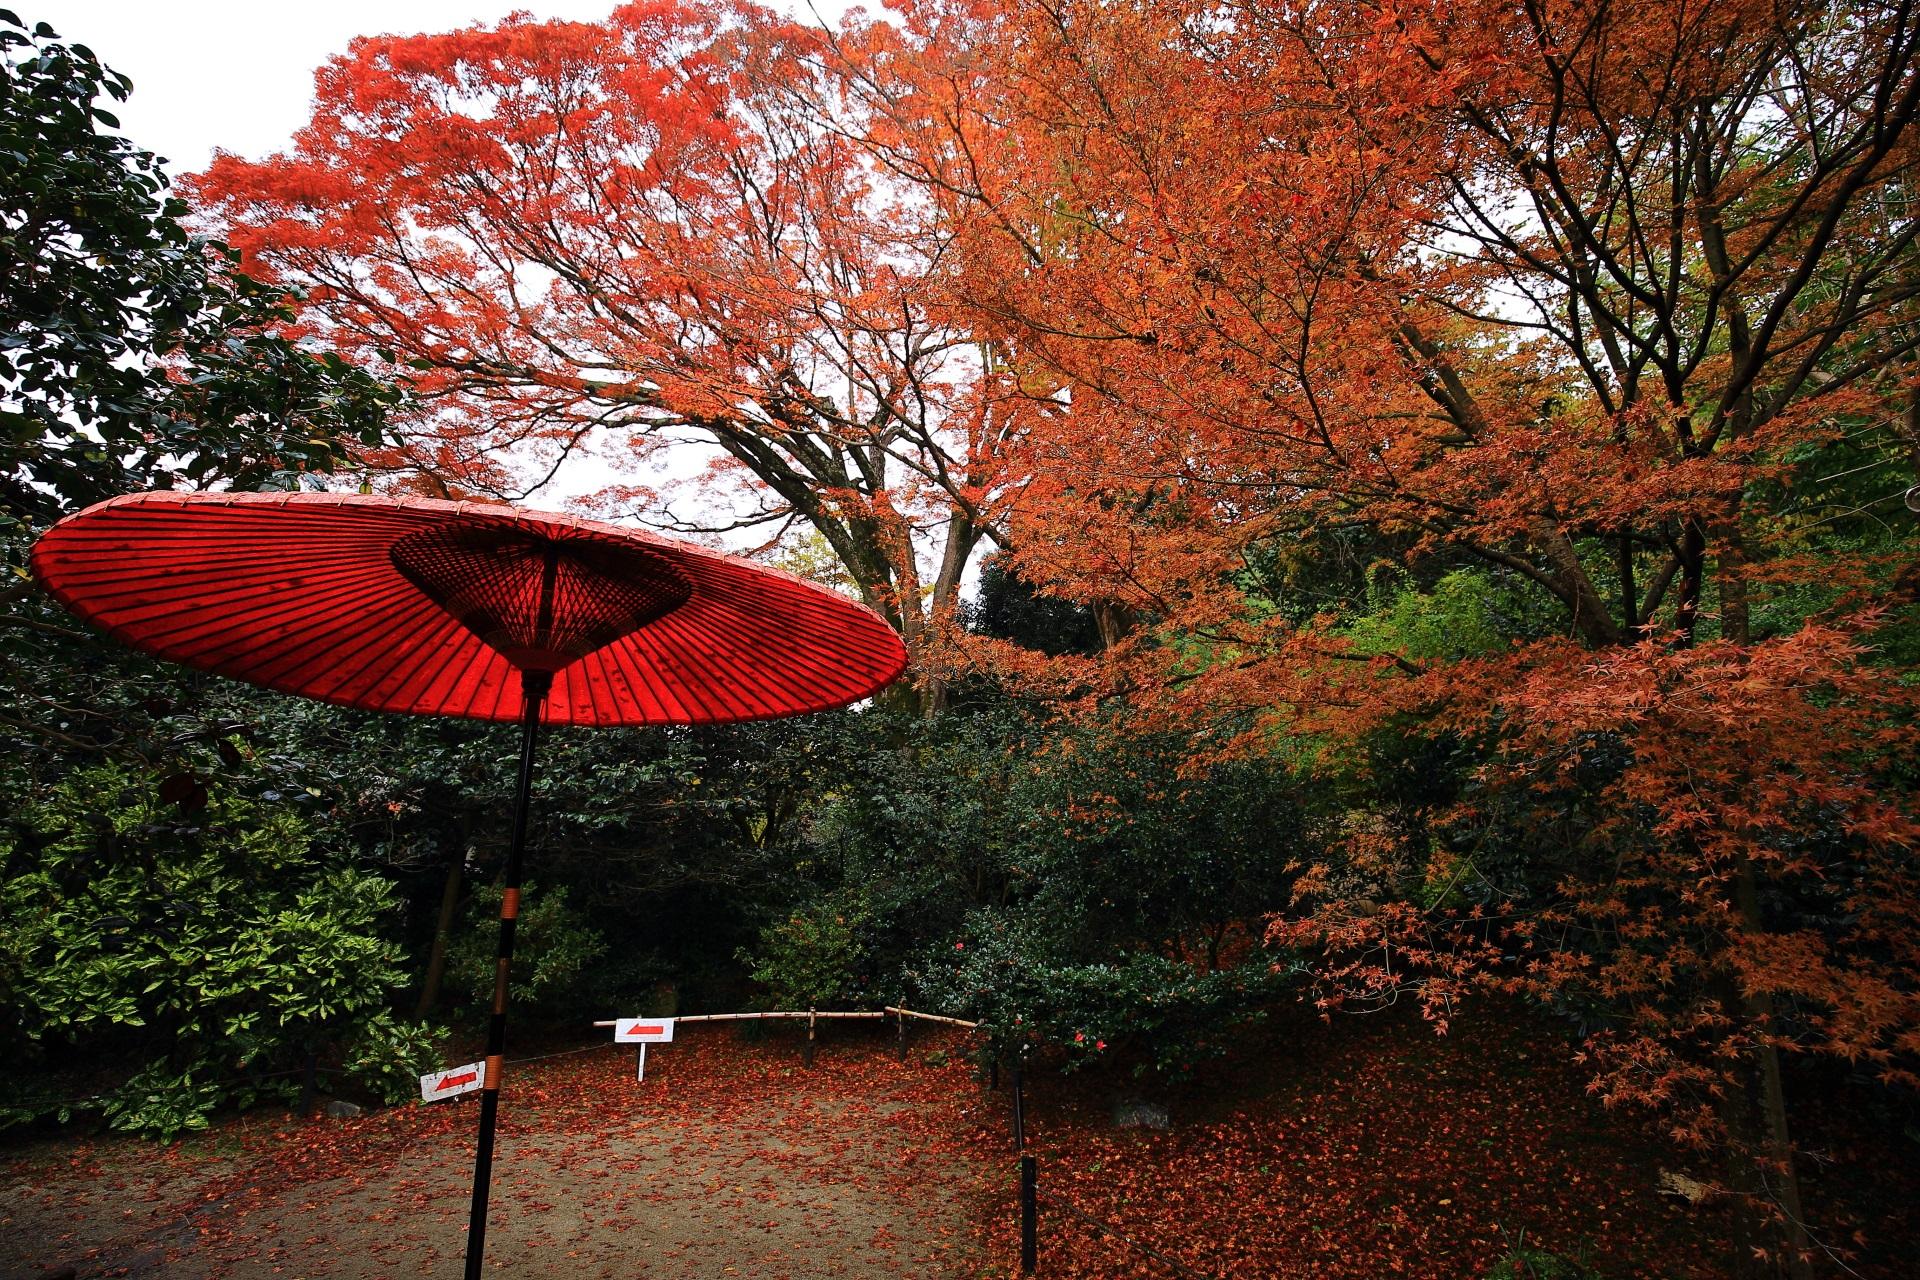 「霊鑑寺楓」と呼ばれる樹齢400年とされる大楓